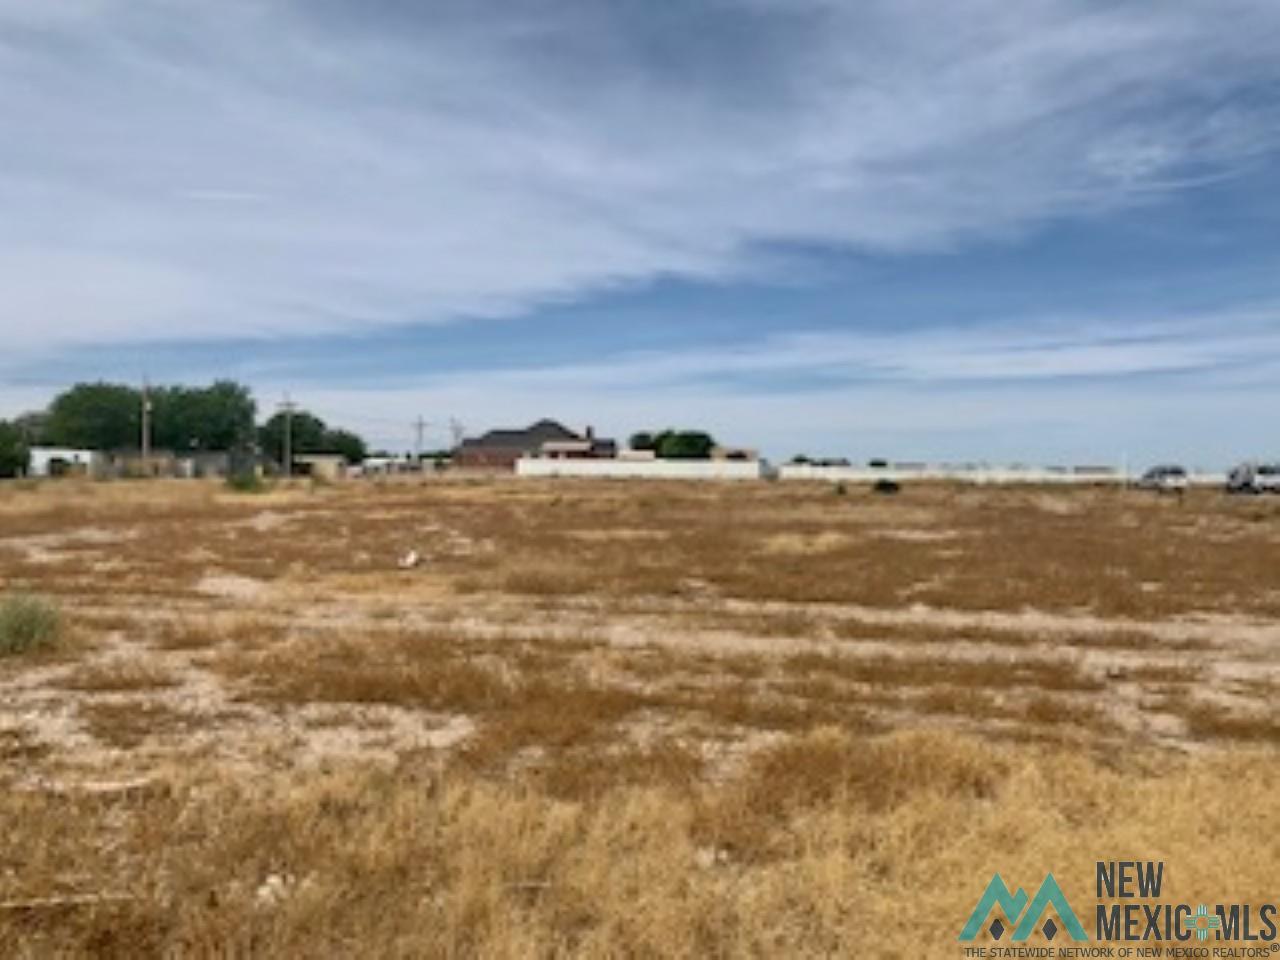 507 N 26th St. Artesia, NM 88210